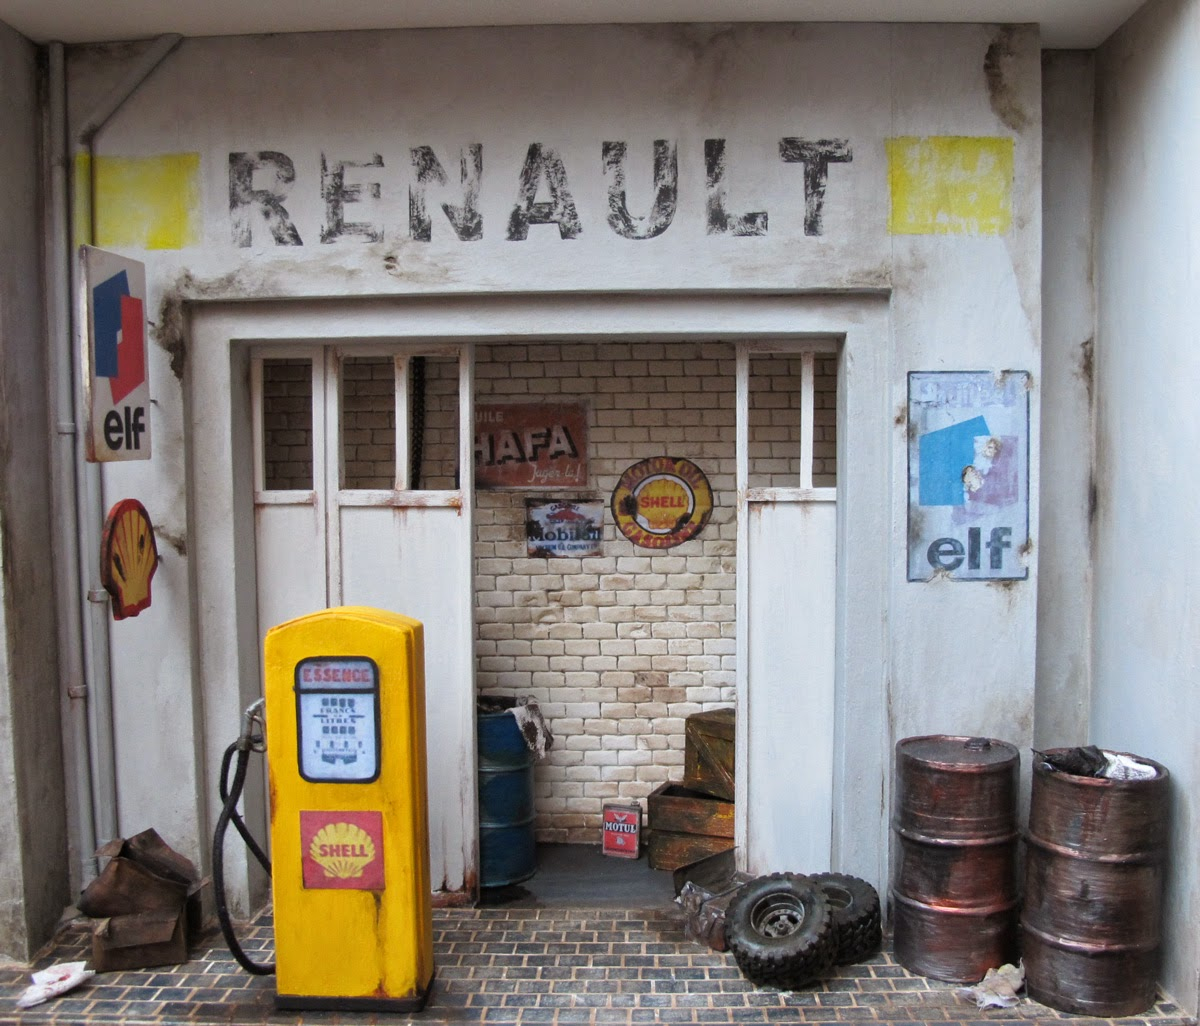 Miniatures ladan le garage renault for Garage renault maizieres les metz